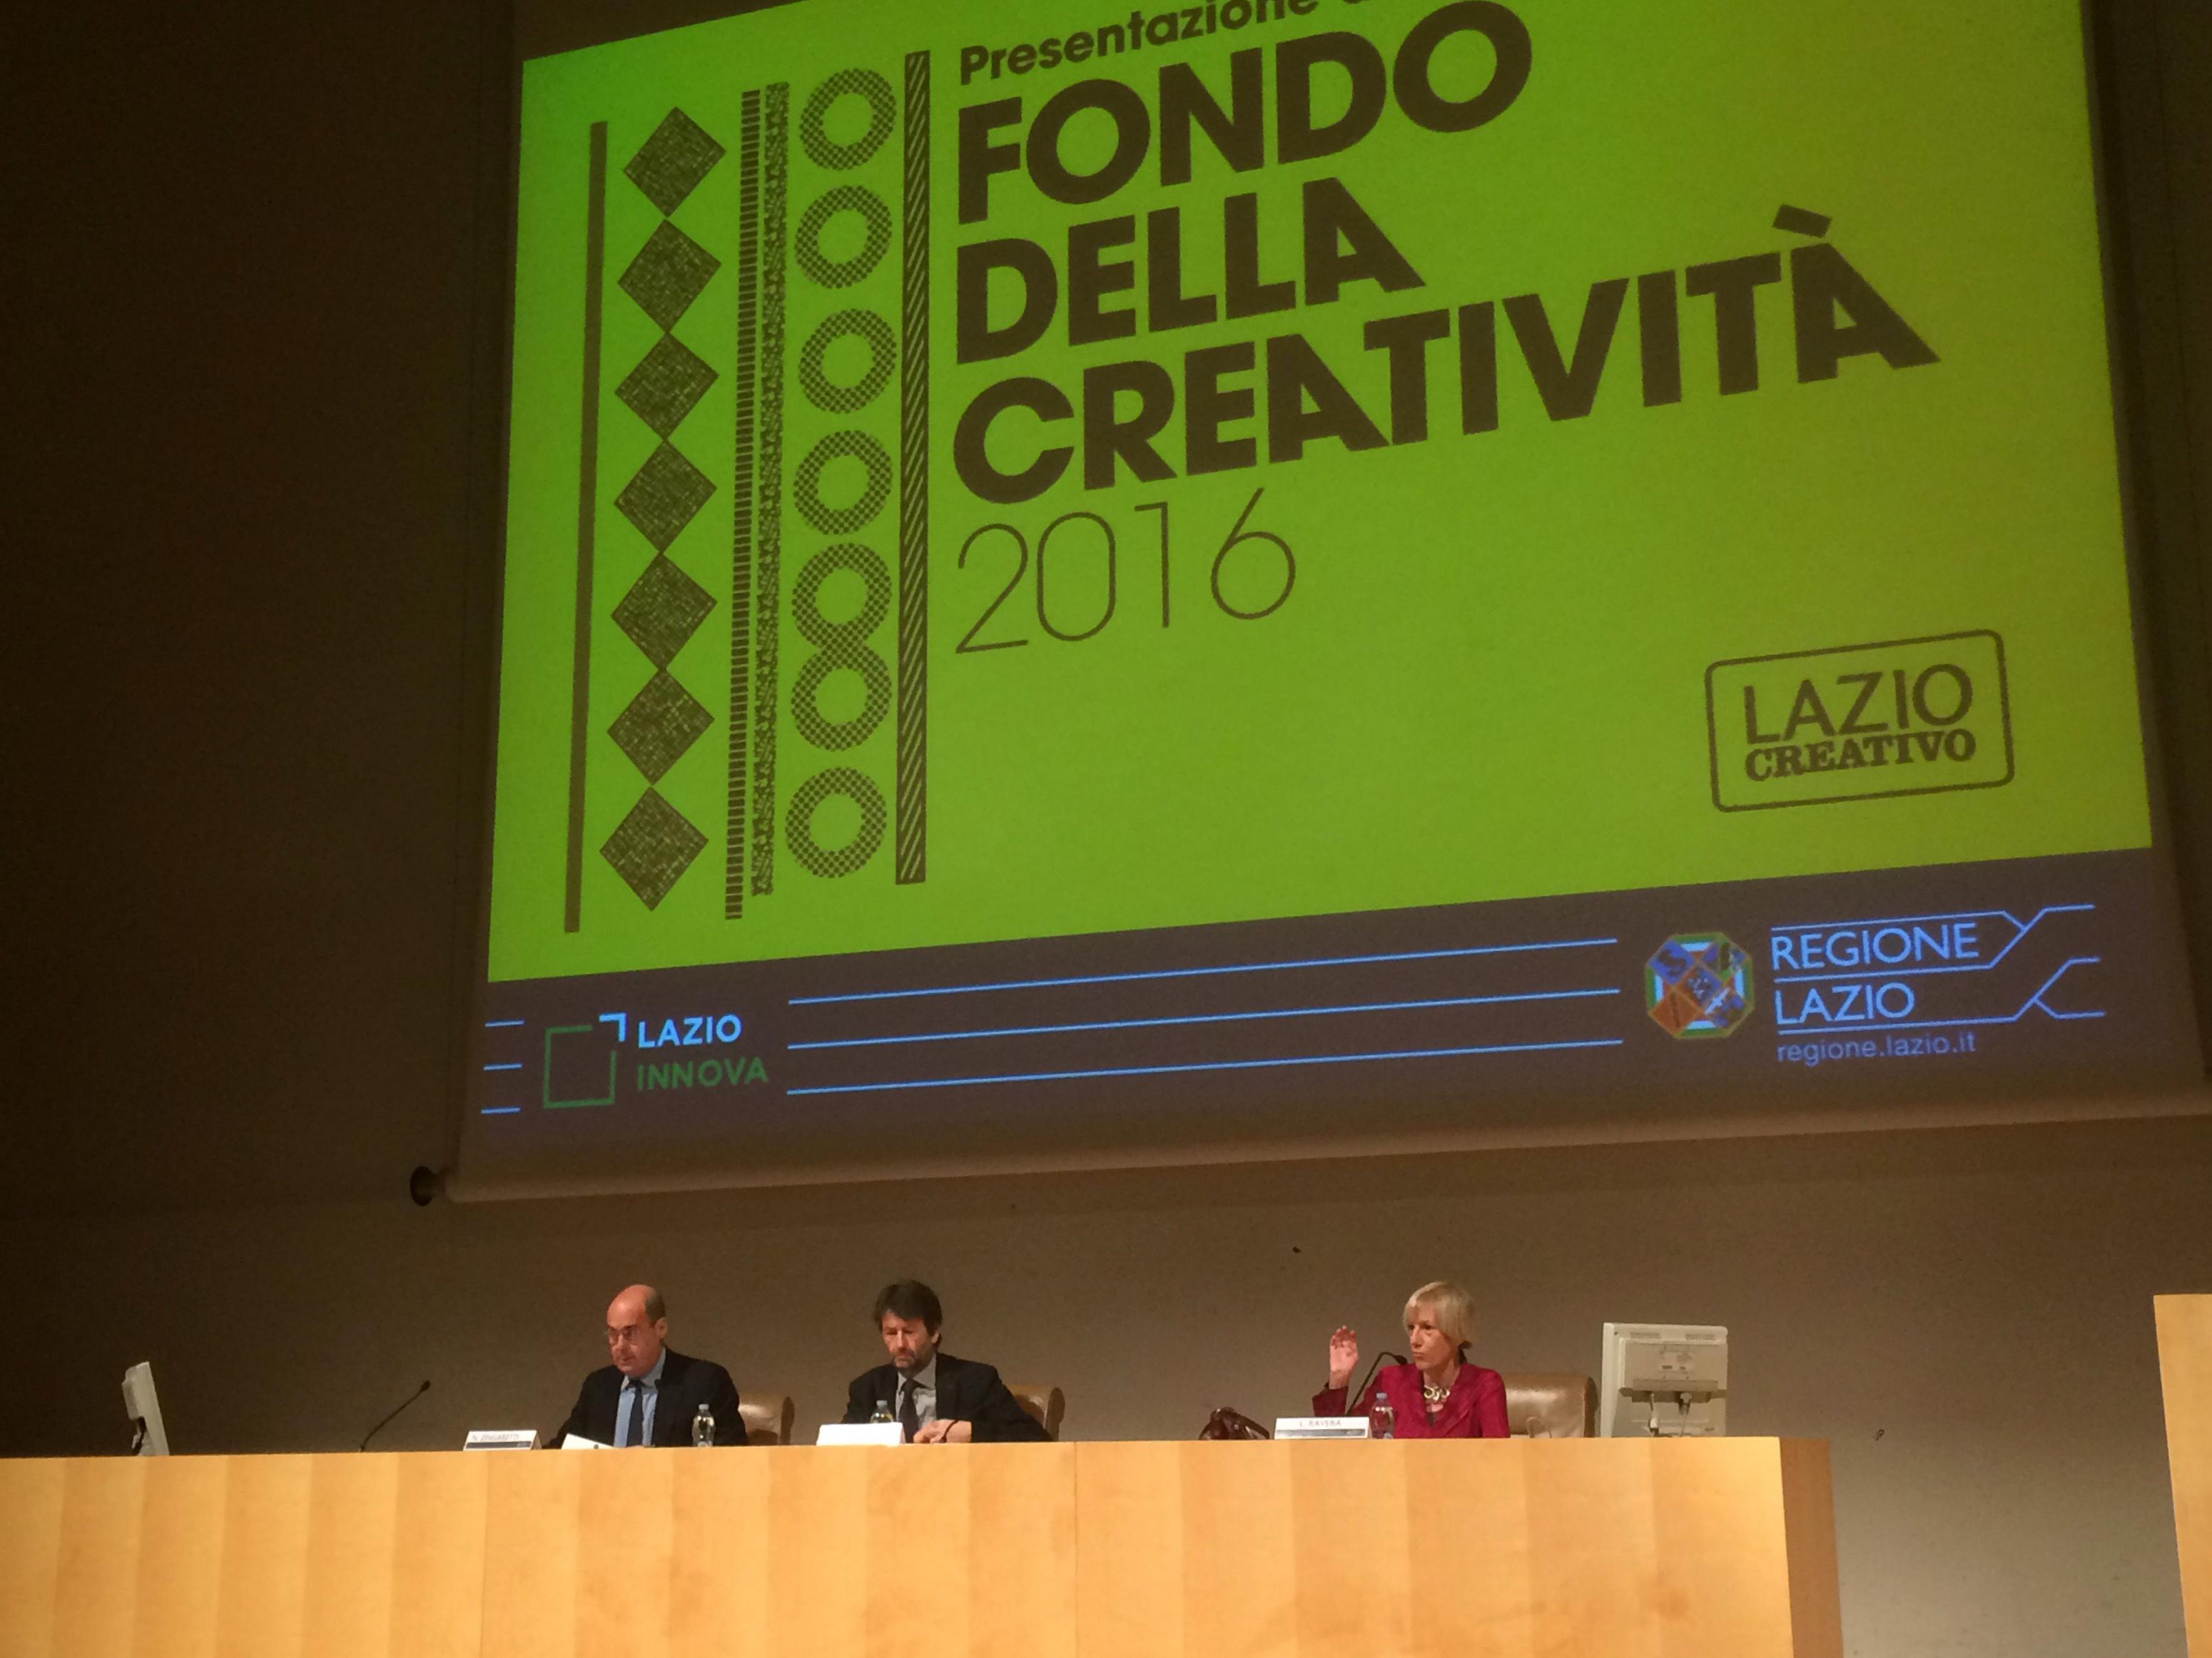 1,2 milioni di euro per il bando STARTUP CULTURALI E CREATIVE 2016